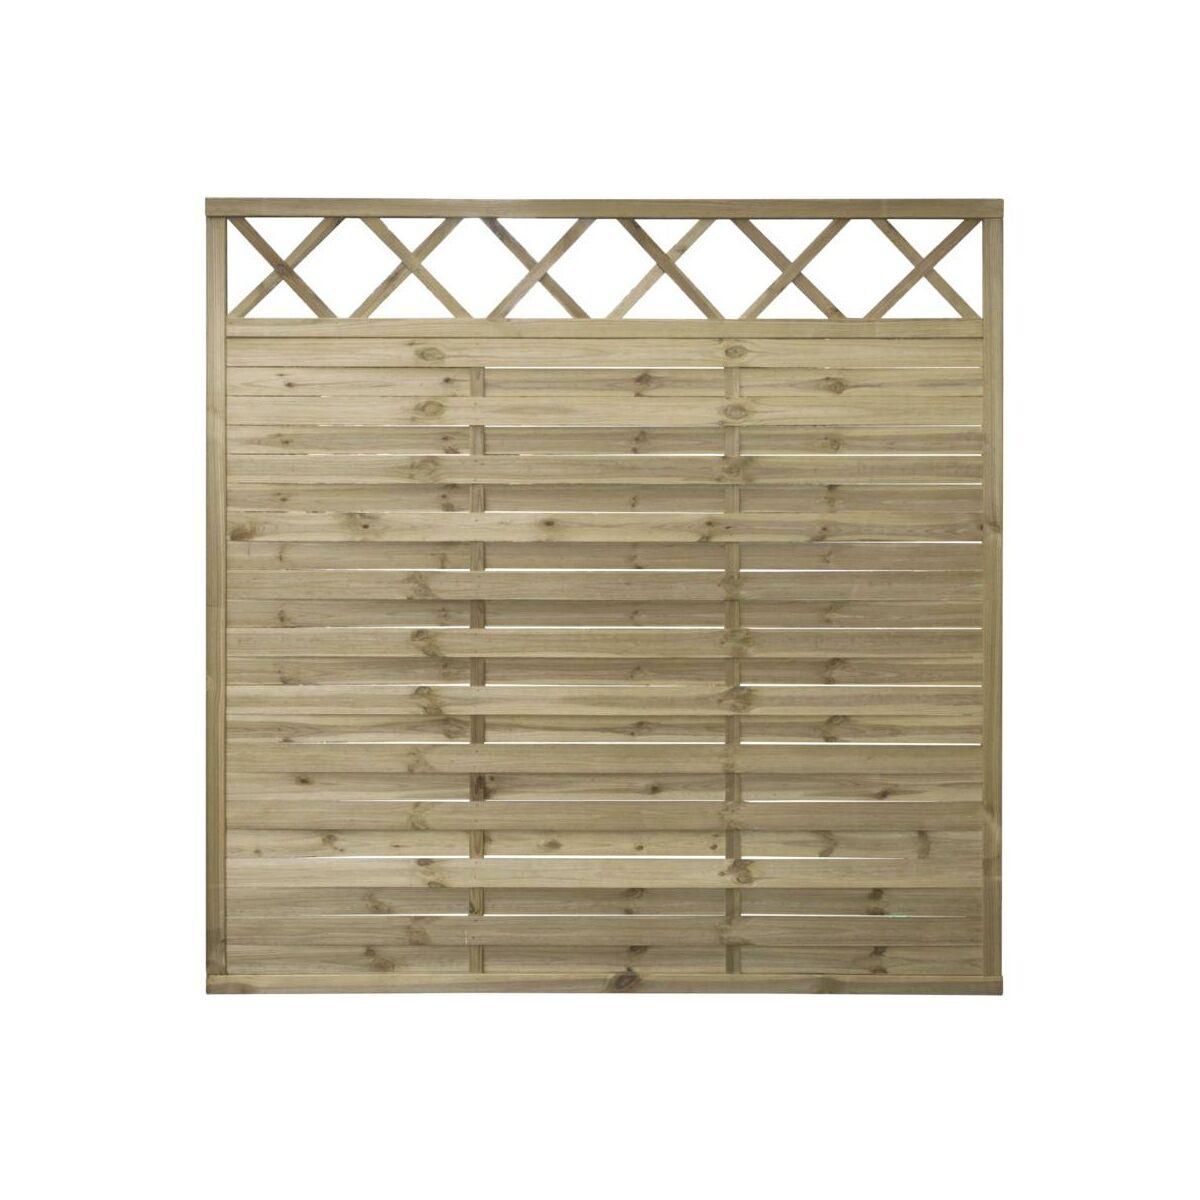 P ot lamelowy z kratk 180 cm x 180 cm stelmet panele os onowe parawany w atrakcyjnej cenie - Balkon bescherming leroy merlin ...